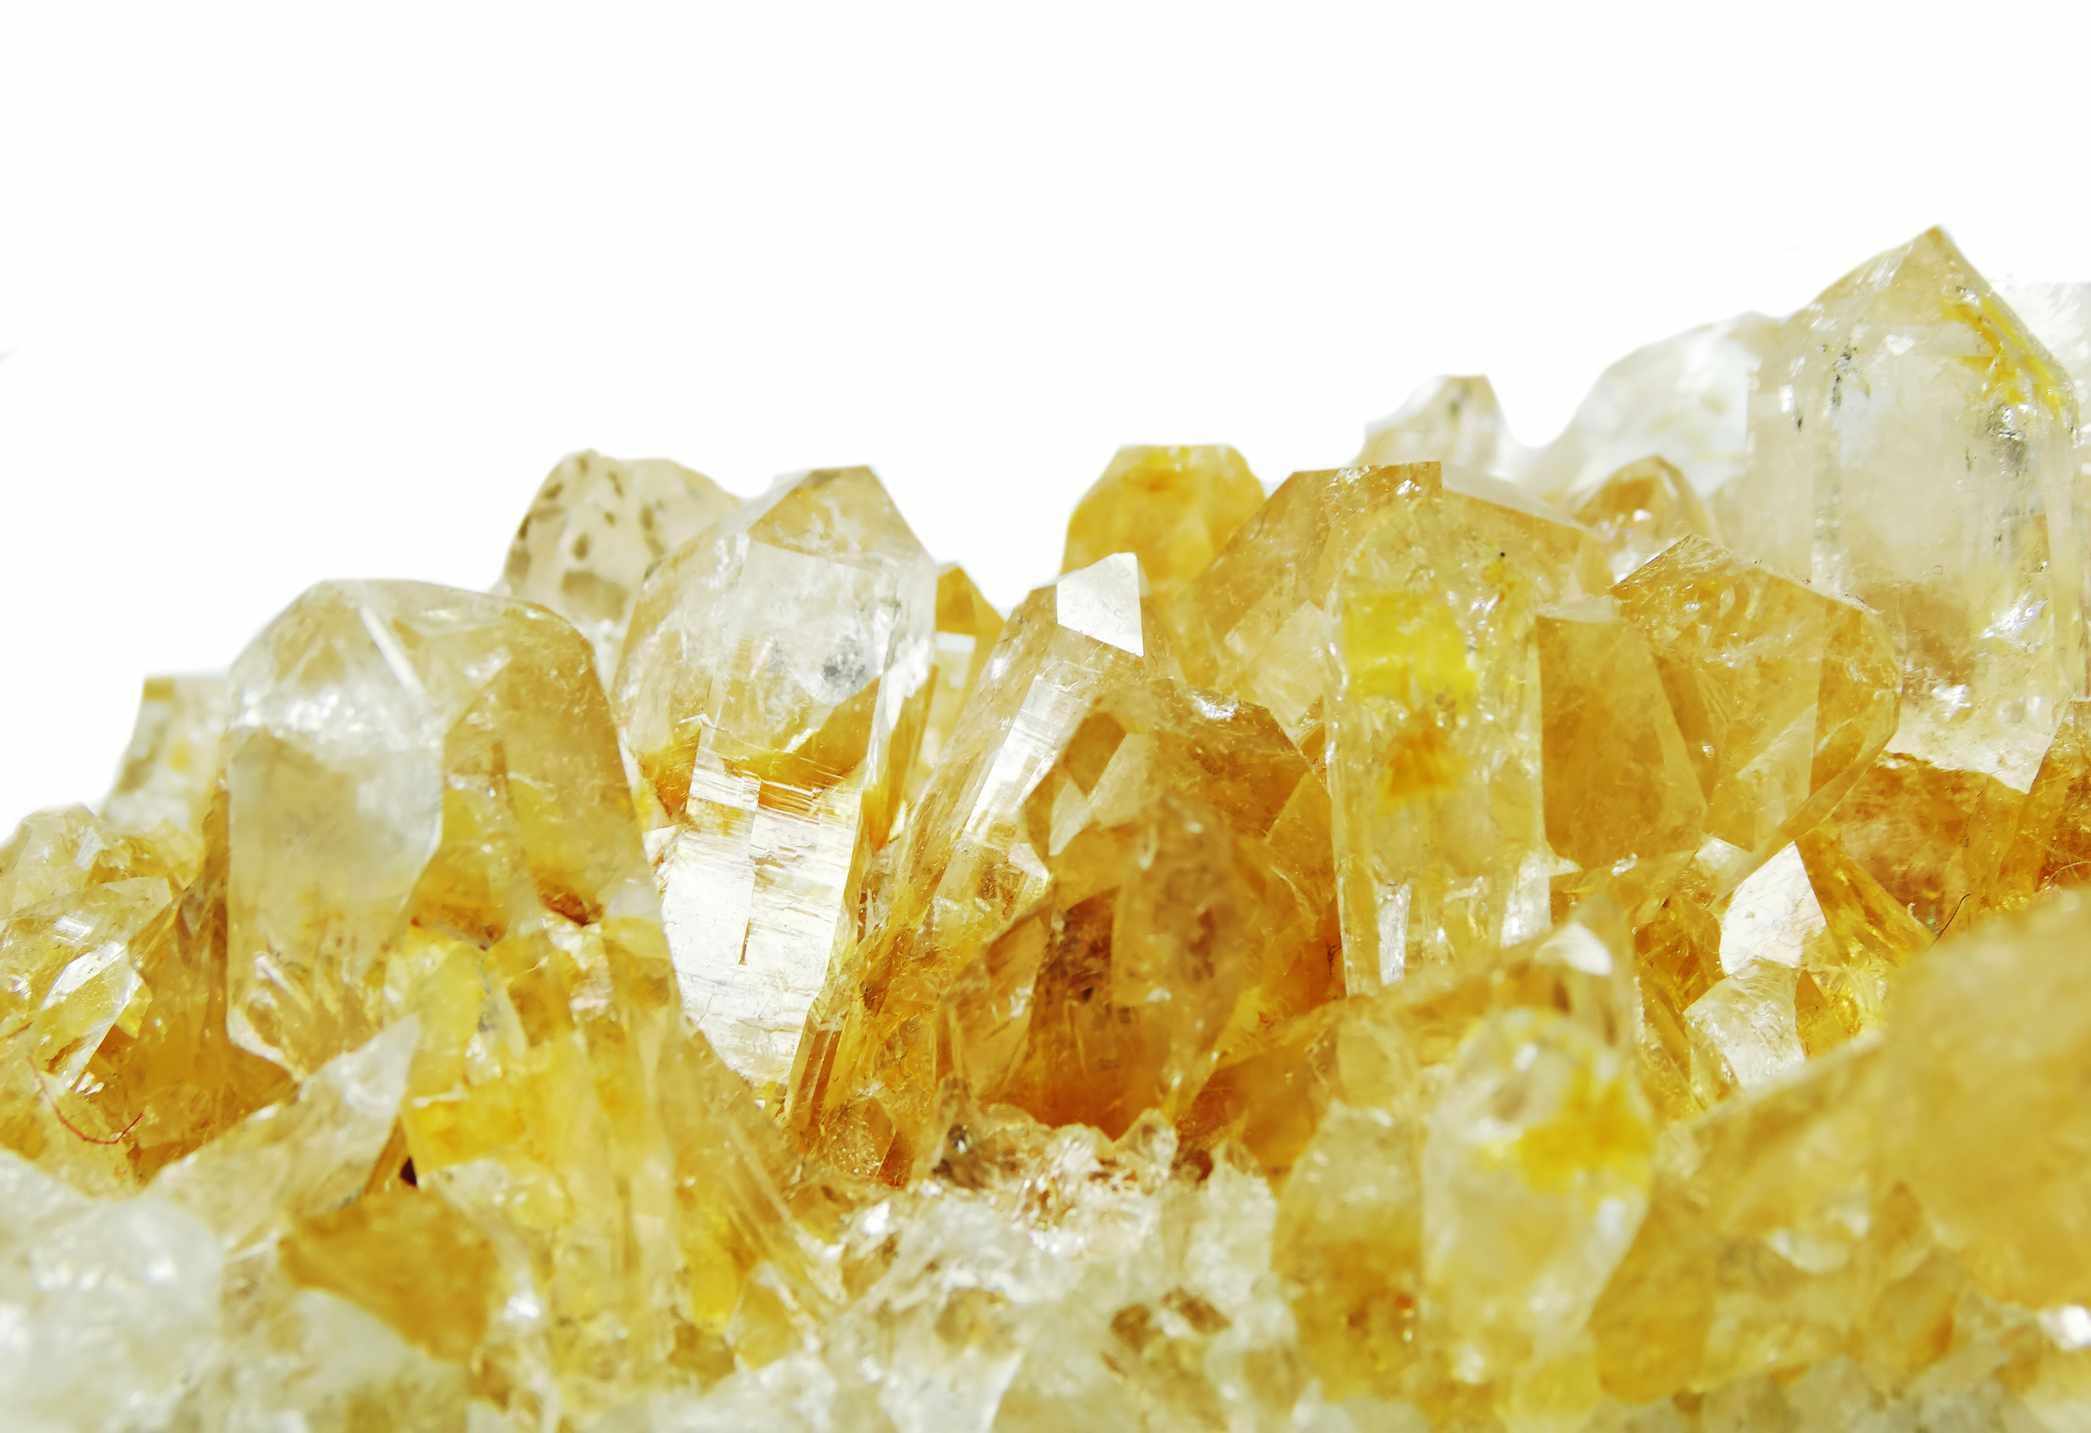 primer plano de cristal citrino